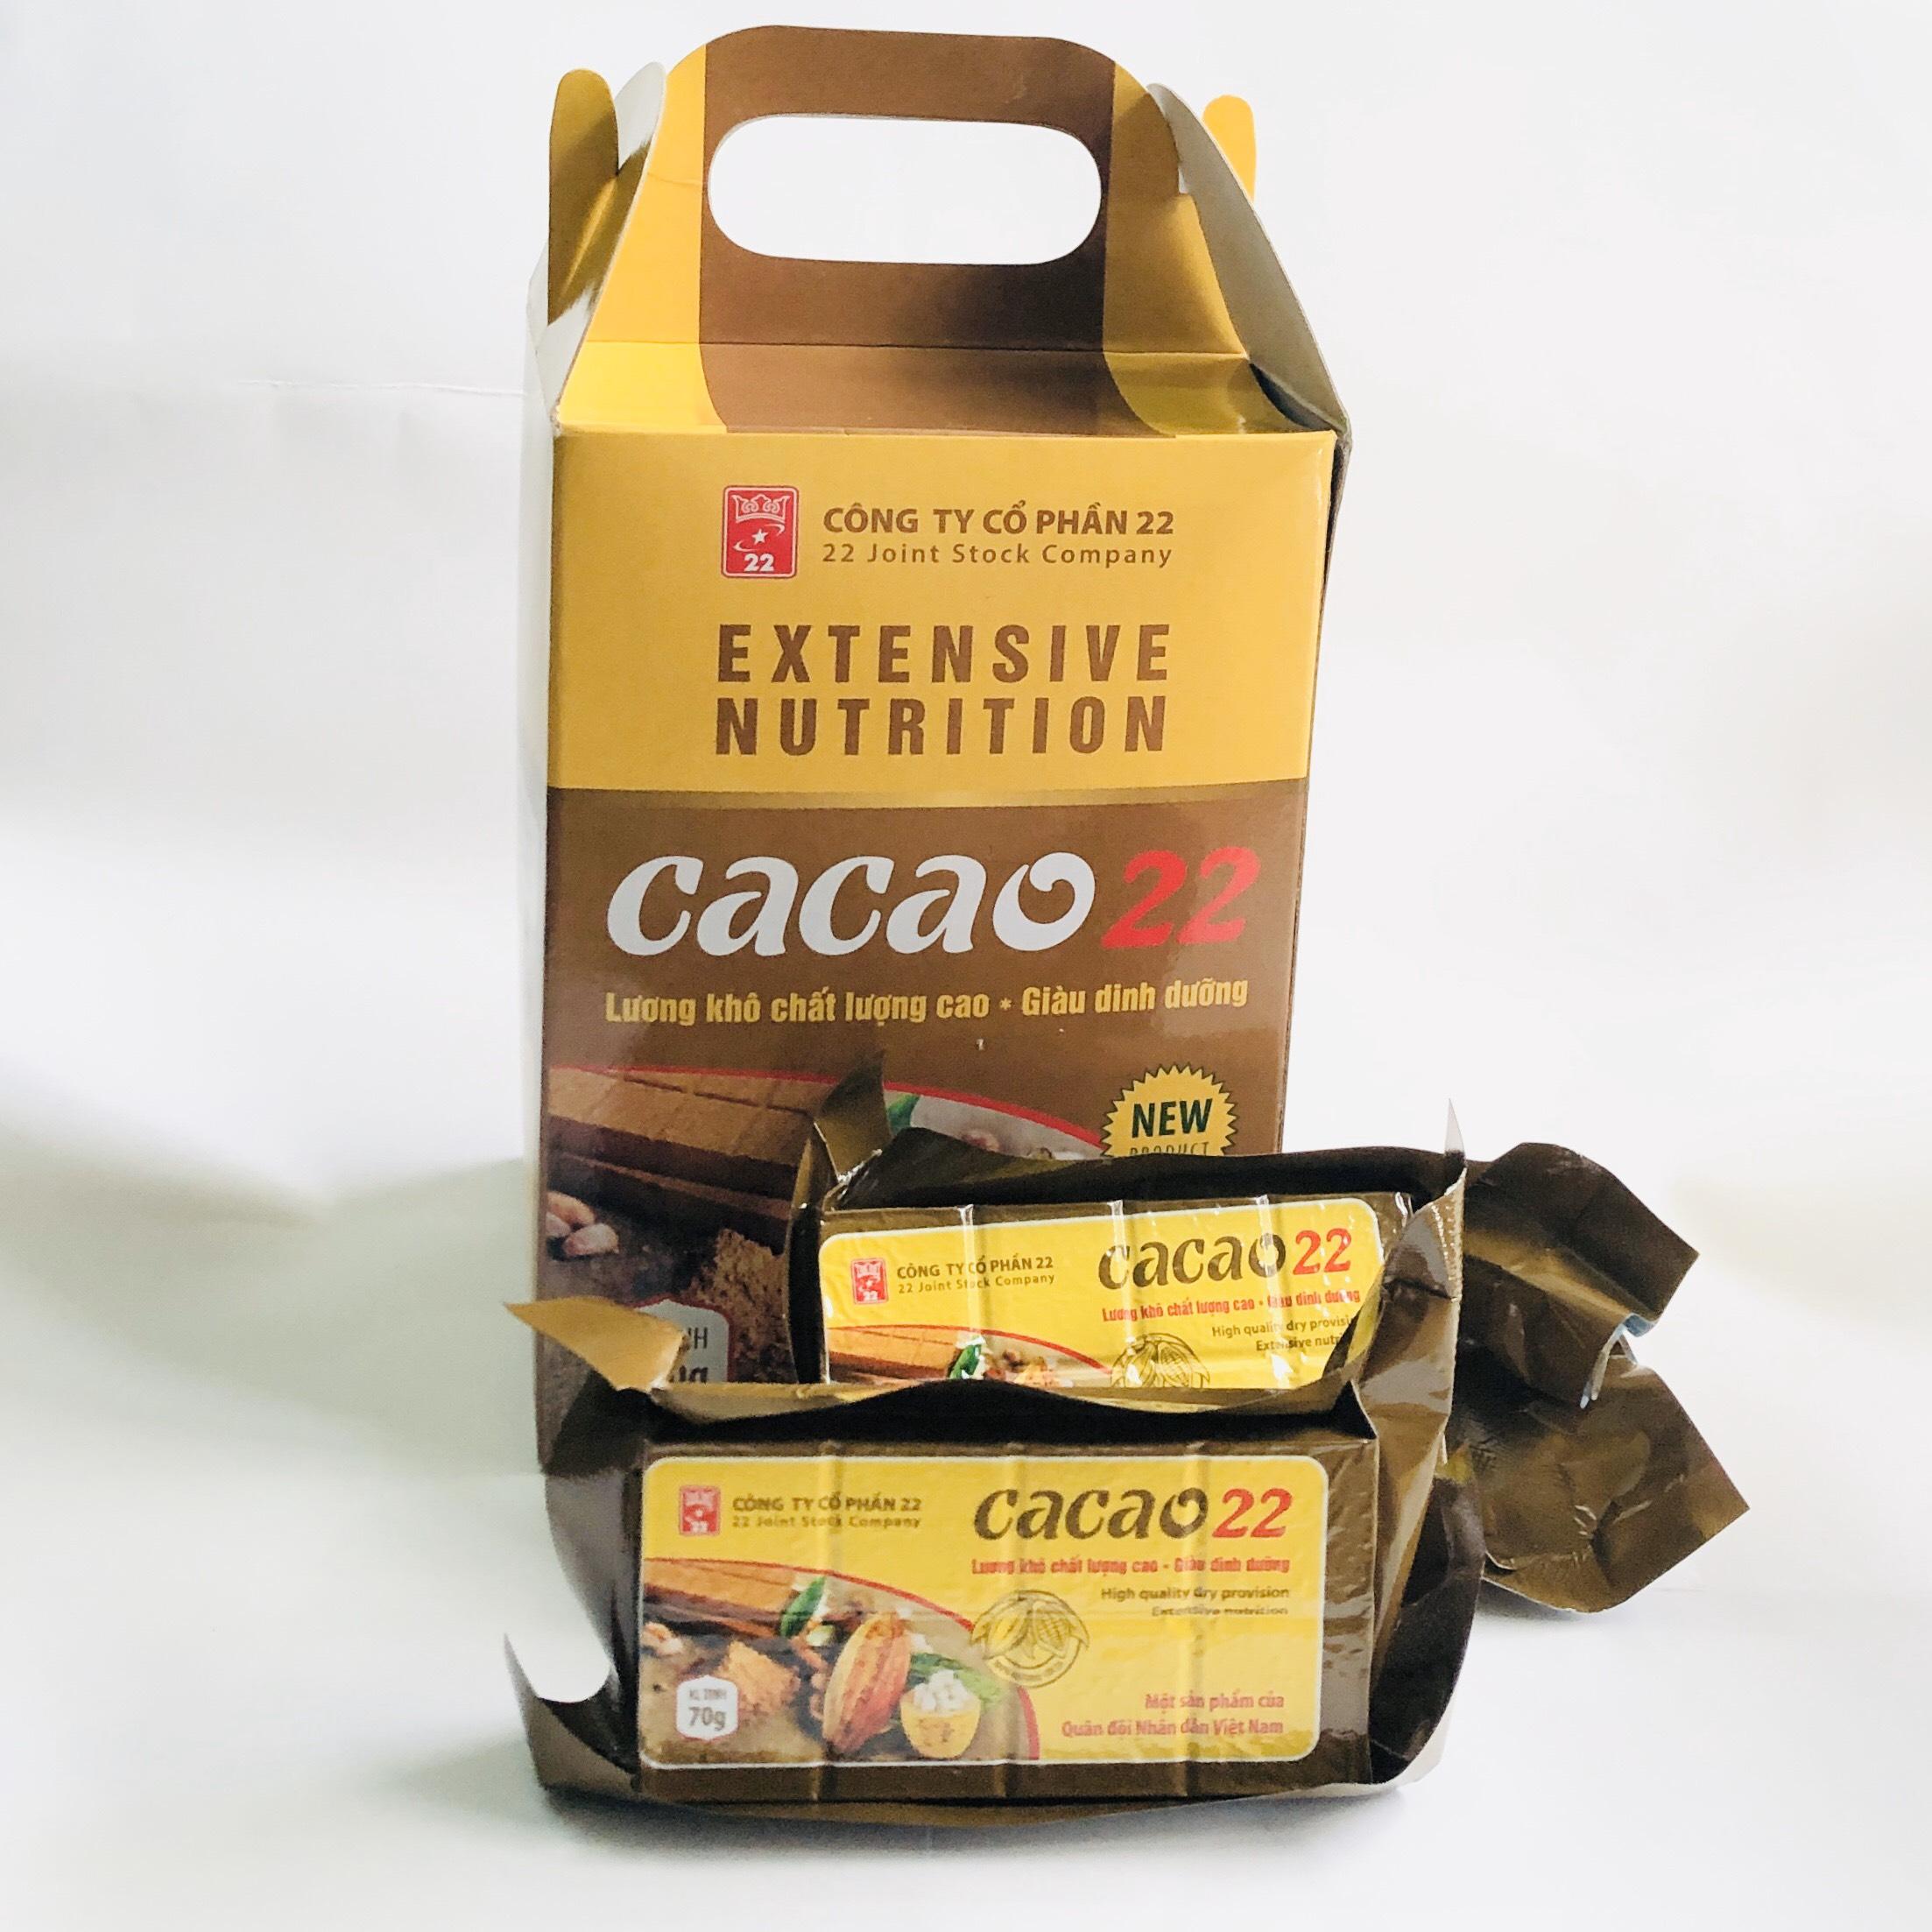 Lương Khô Cacao- Lương Khô Quân Đội